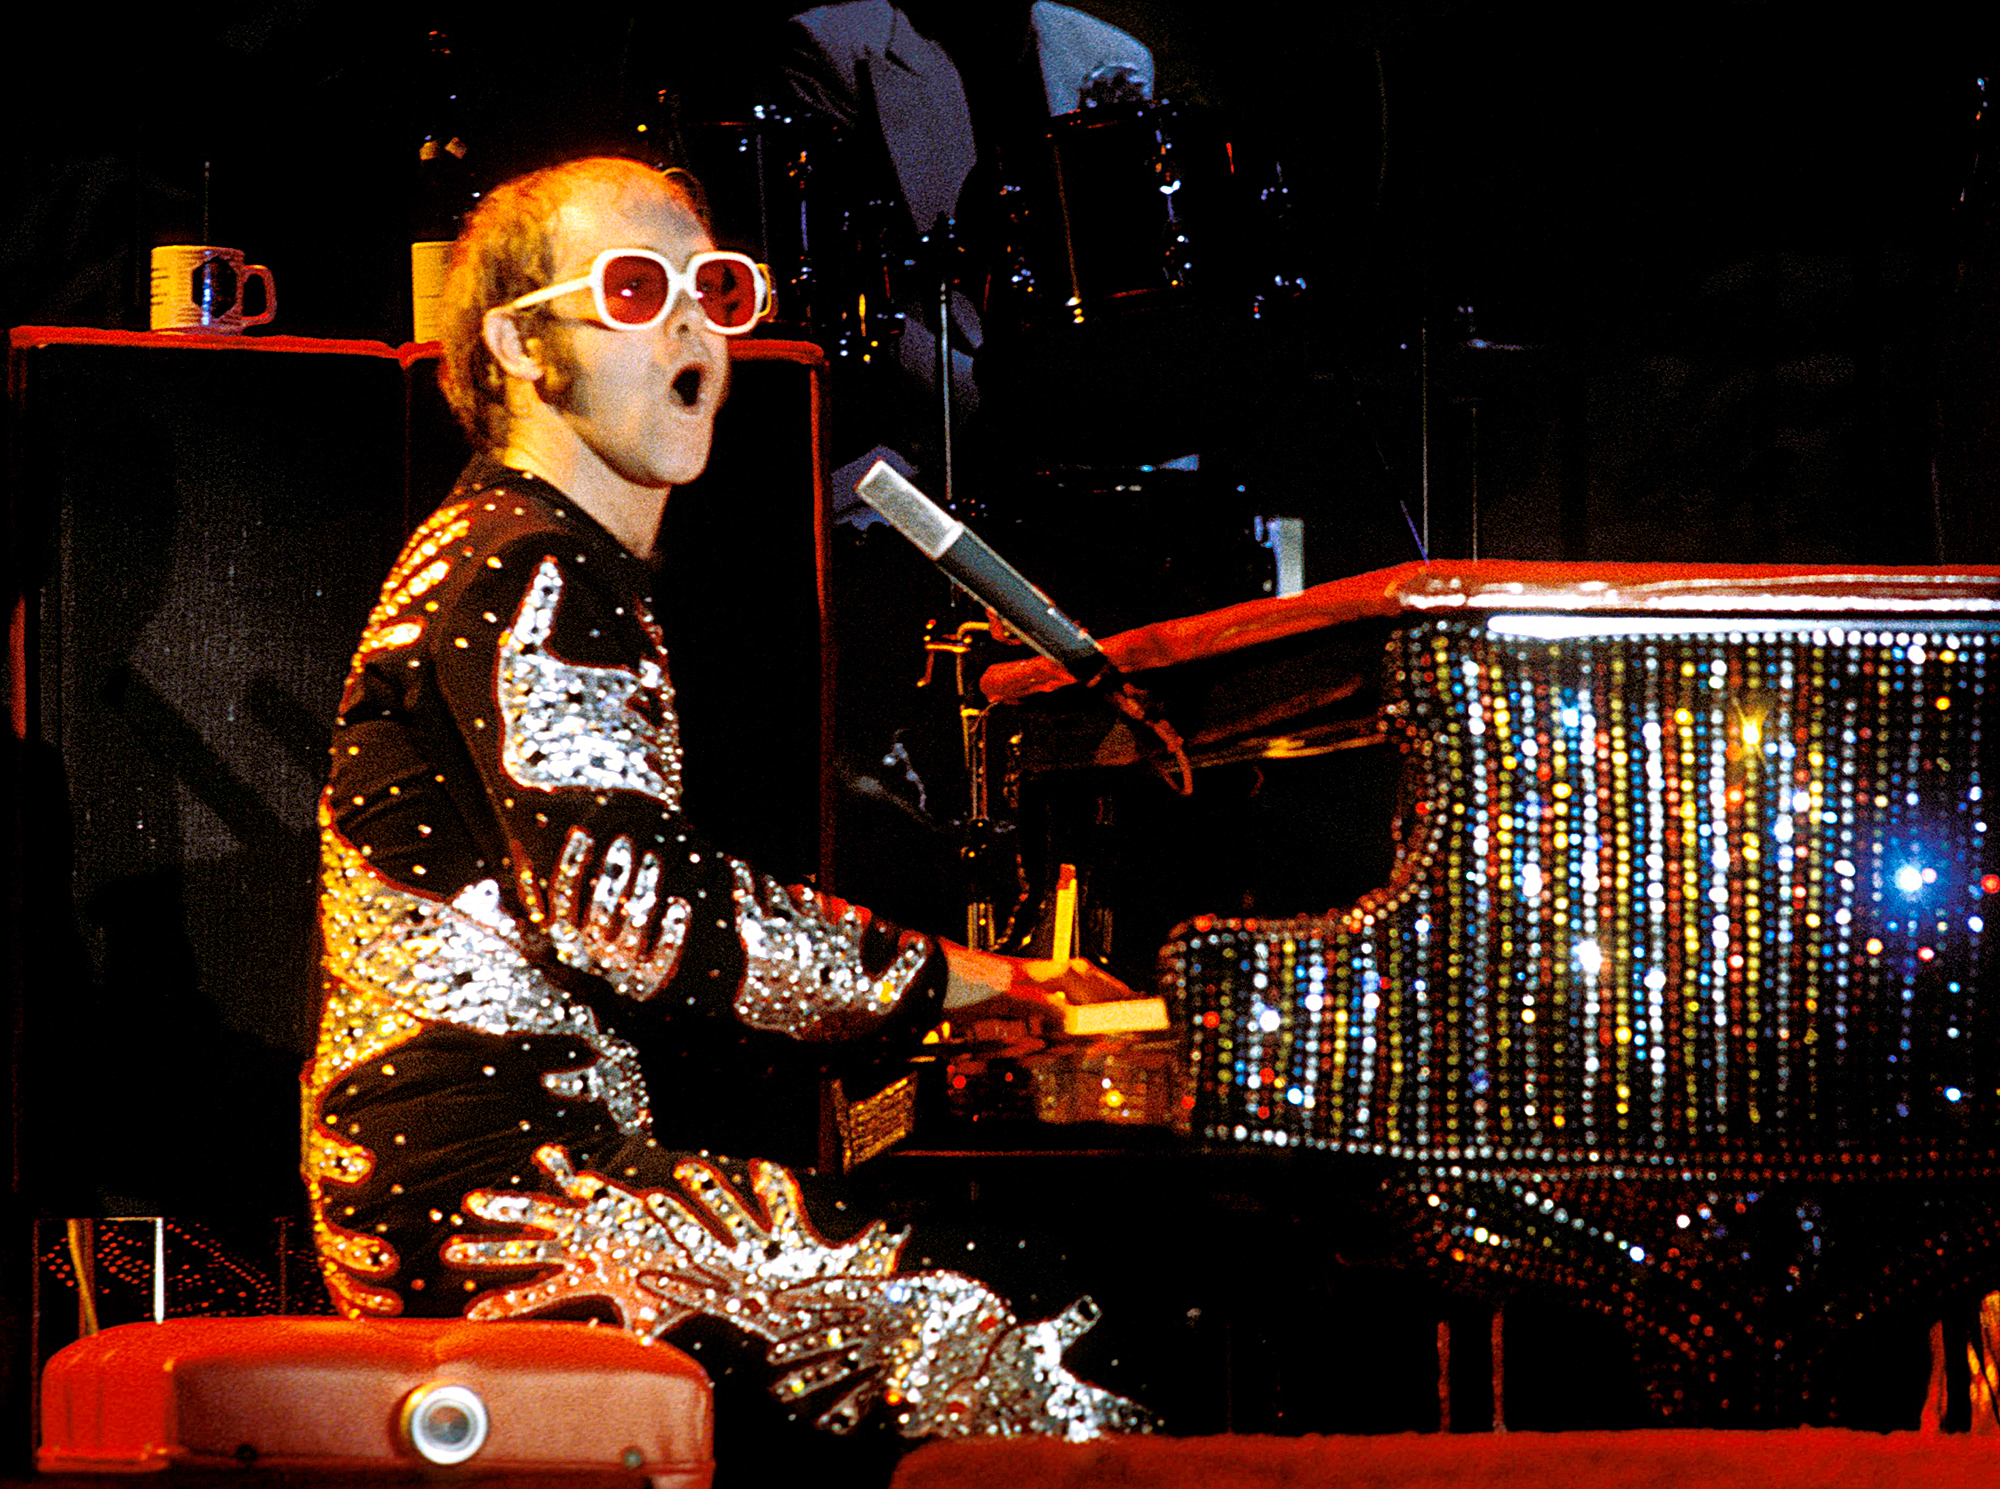 Elton-John-performing-1970s